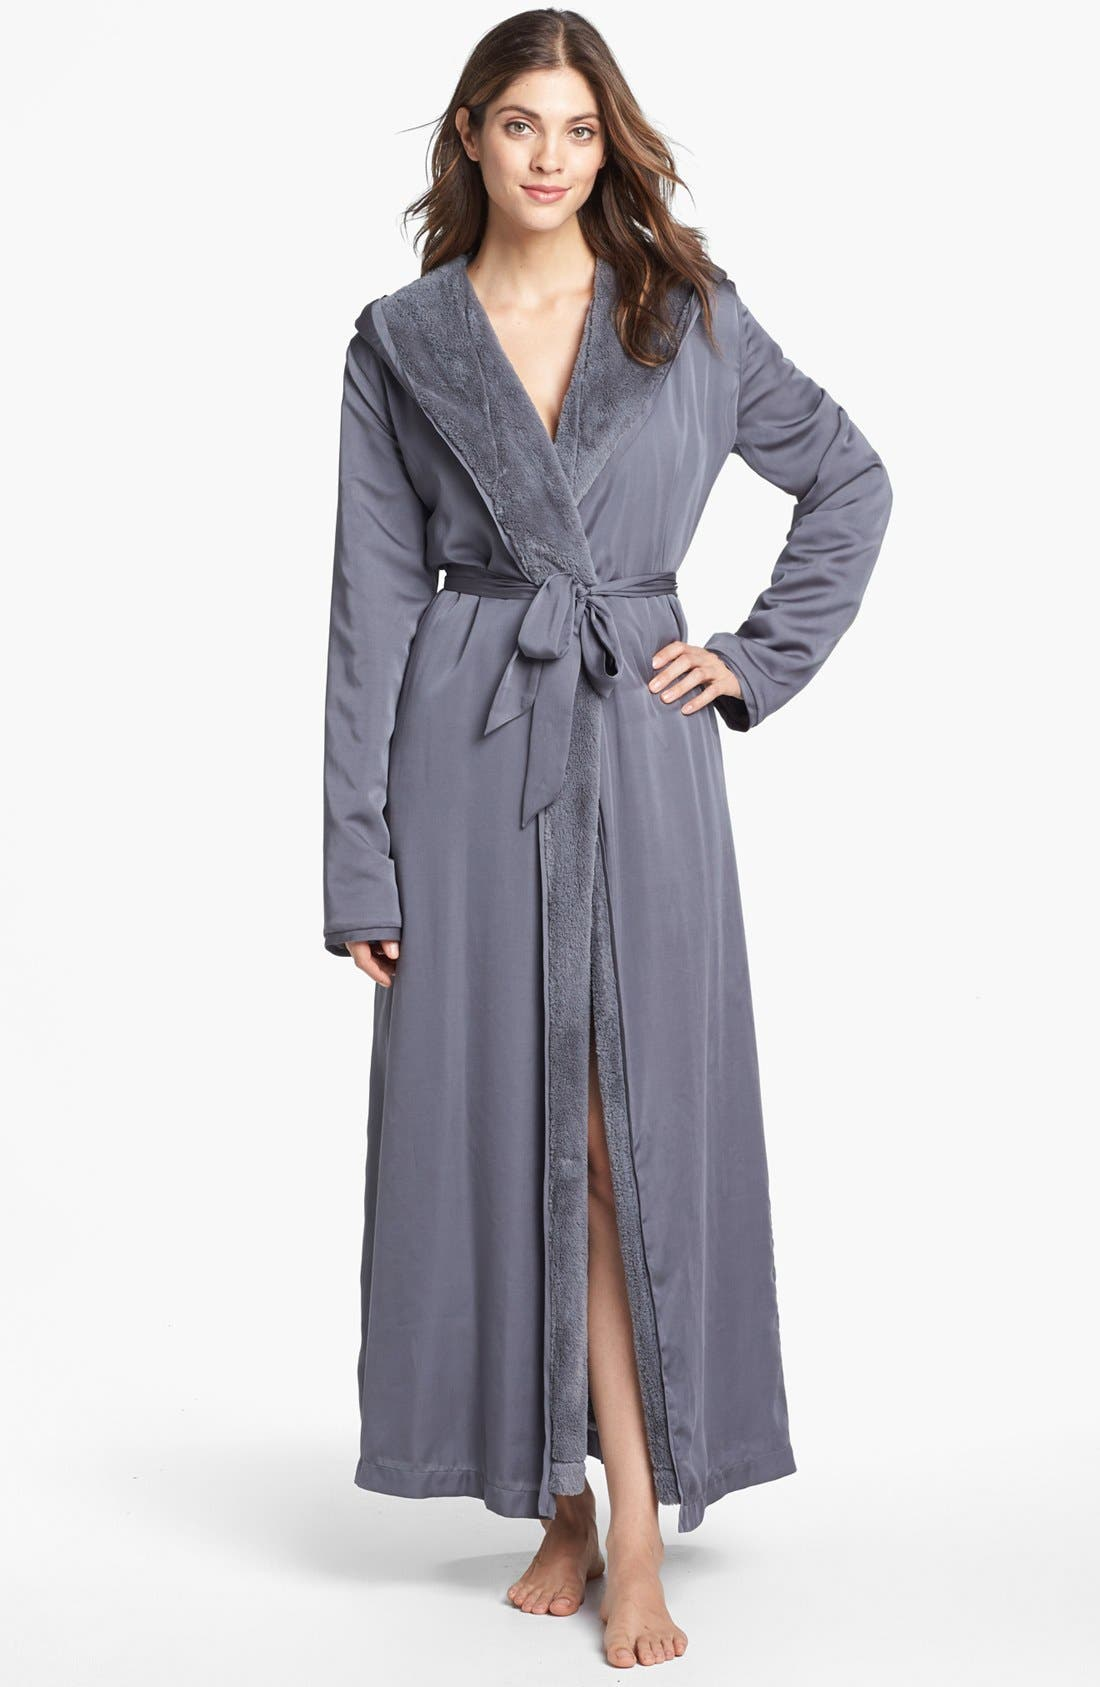 Donna Karan Plush Lined Robe,                             Main thumbnail 1, color,                             023